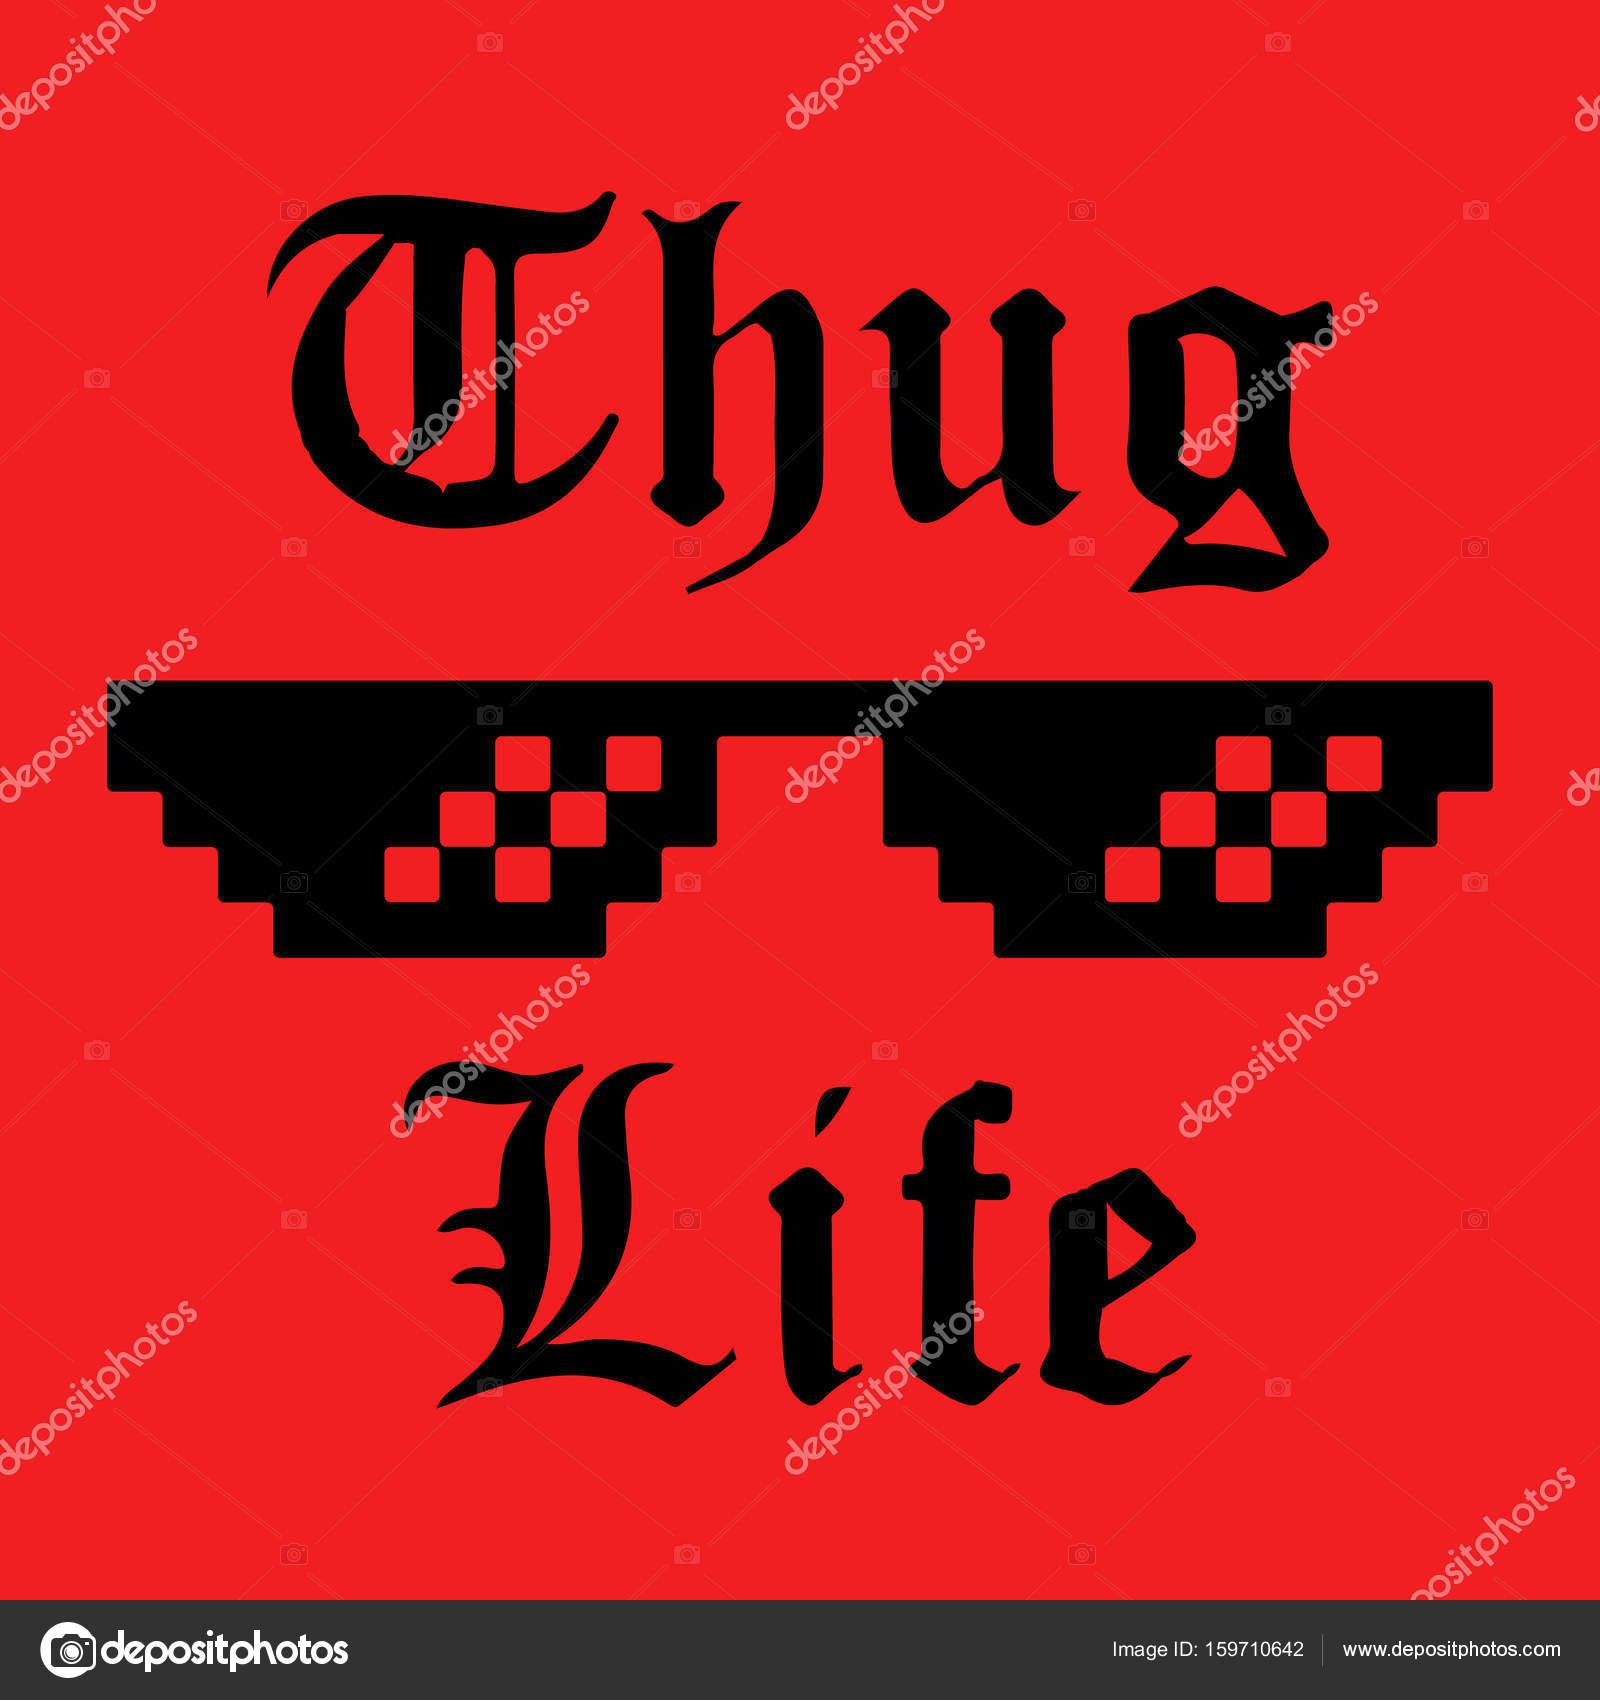 Autocollant de thug life image vectorielle